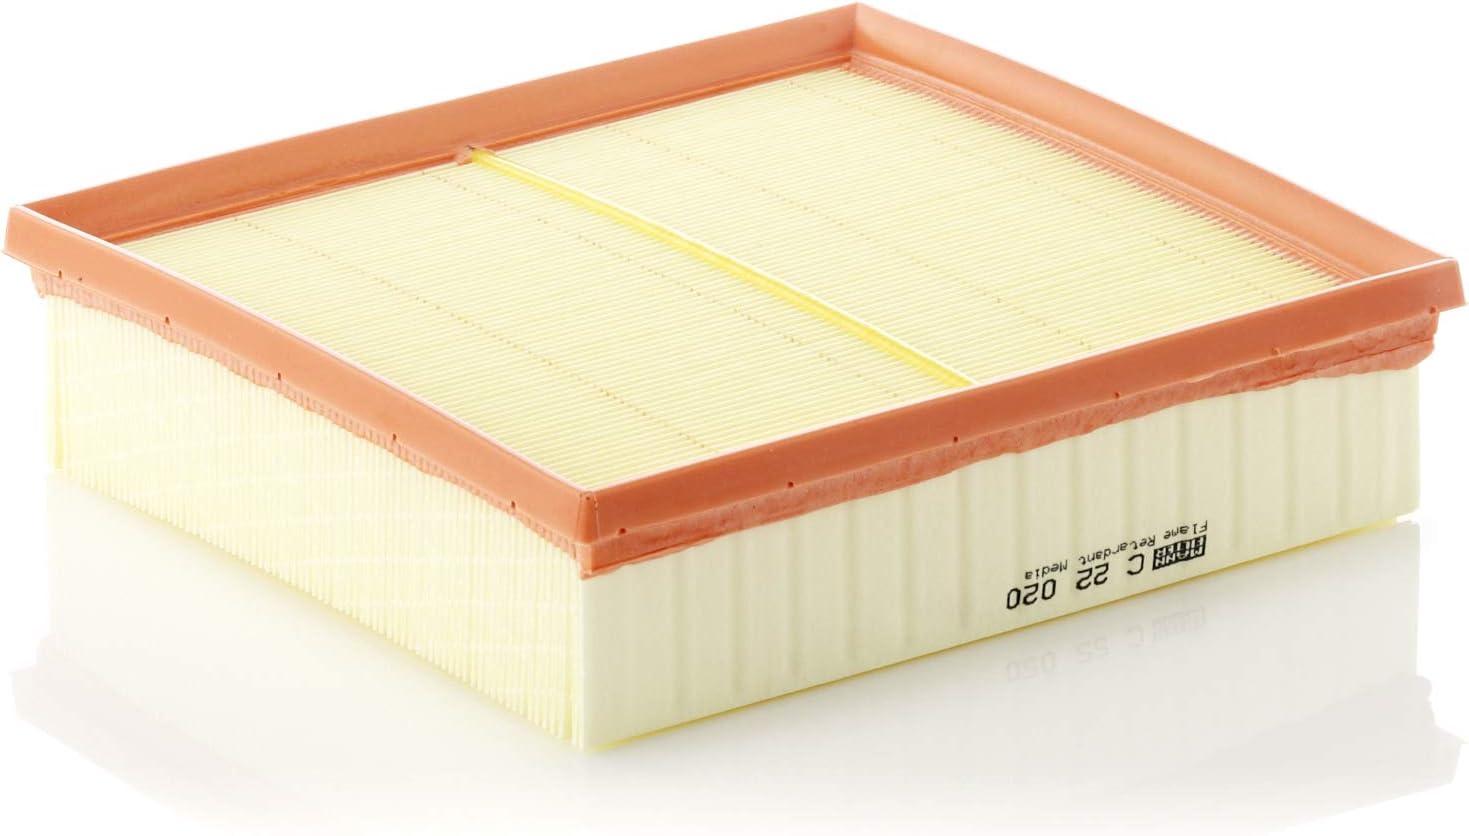 Original Mann Filter Luftfilter C 22 020 Für Pkw Auto